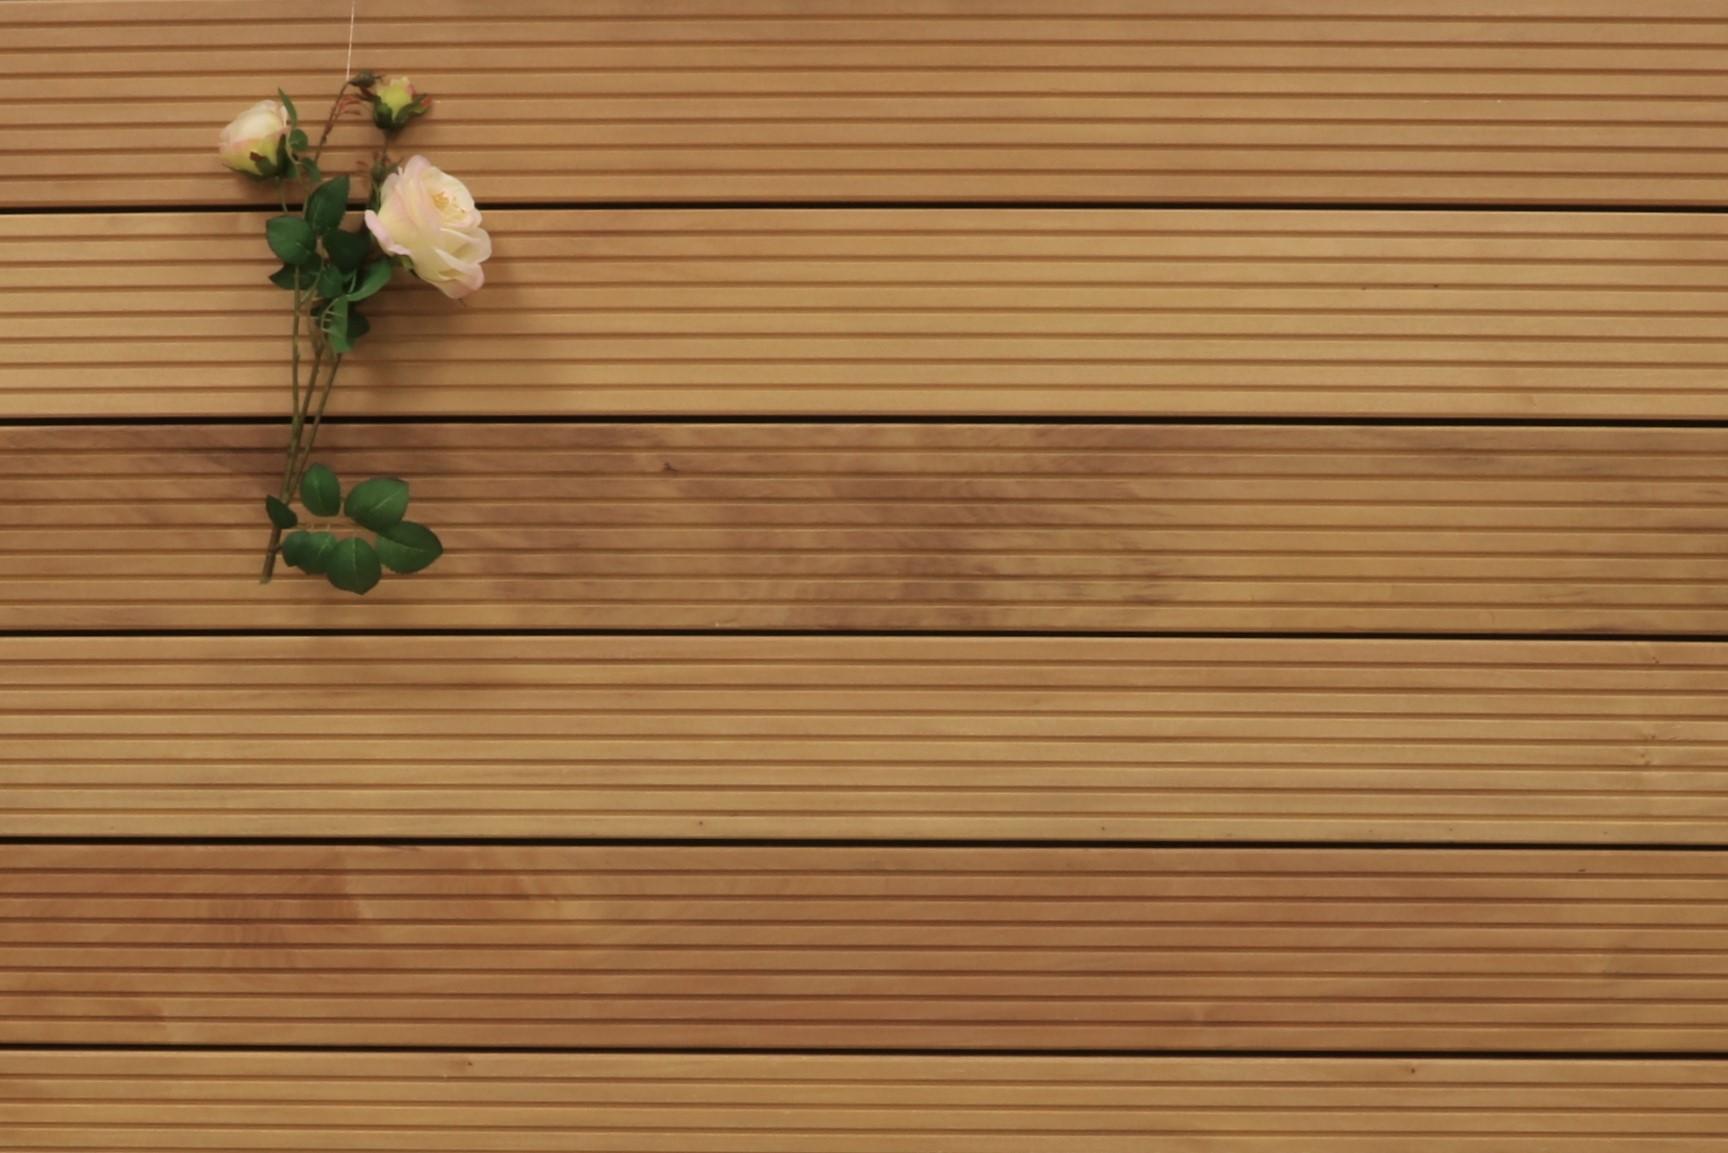 Garapa Holz Dielen für die Terrasse, 19,90 €/lfm, Premium (KD) grob genutet, 45 x 145 bis 6100 mm, Terrassendielen Bretter